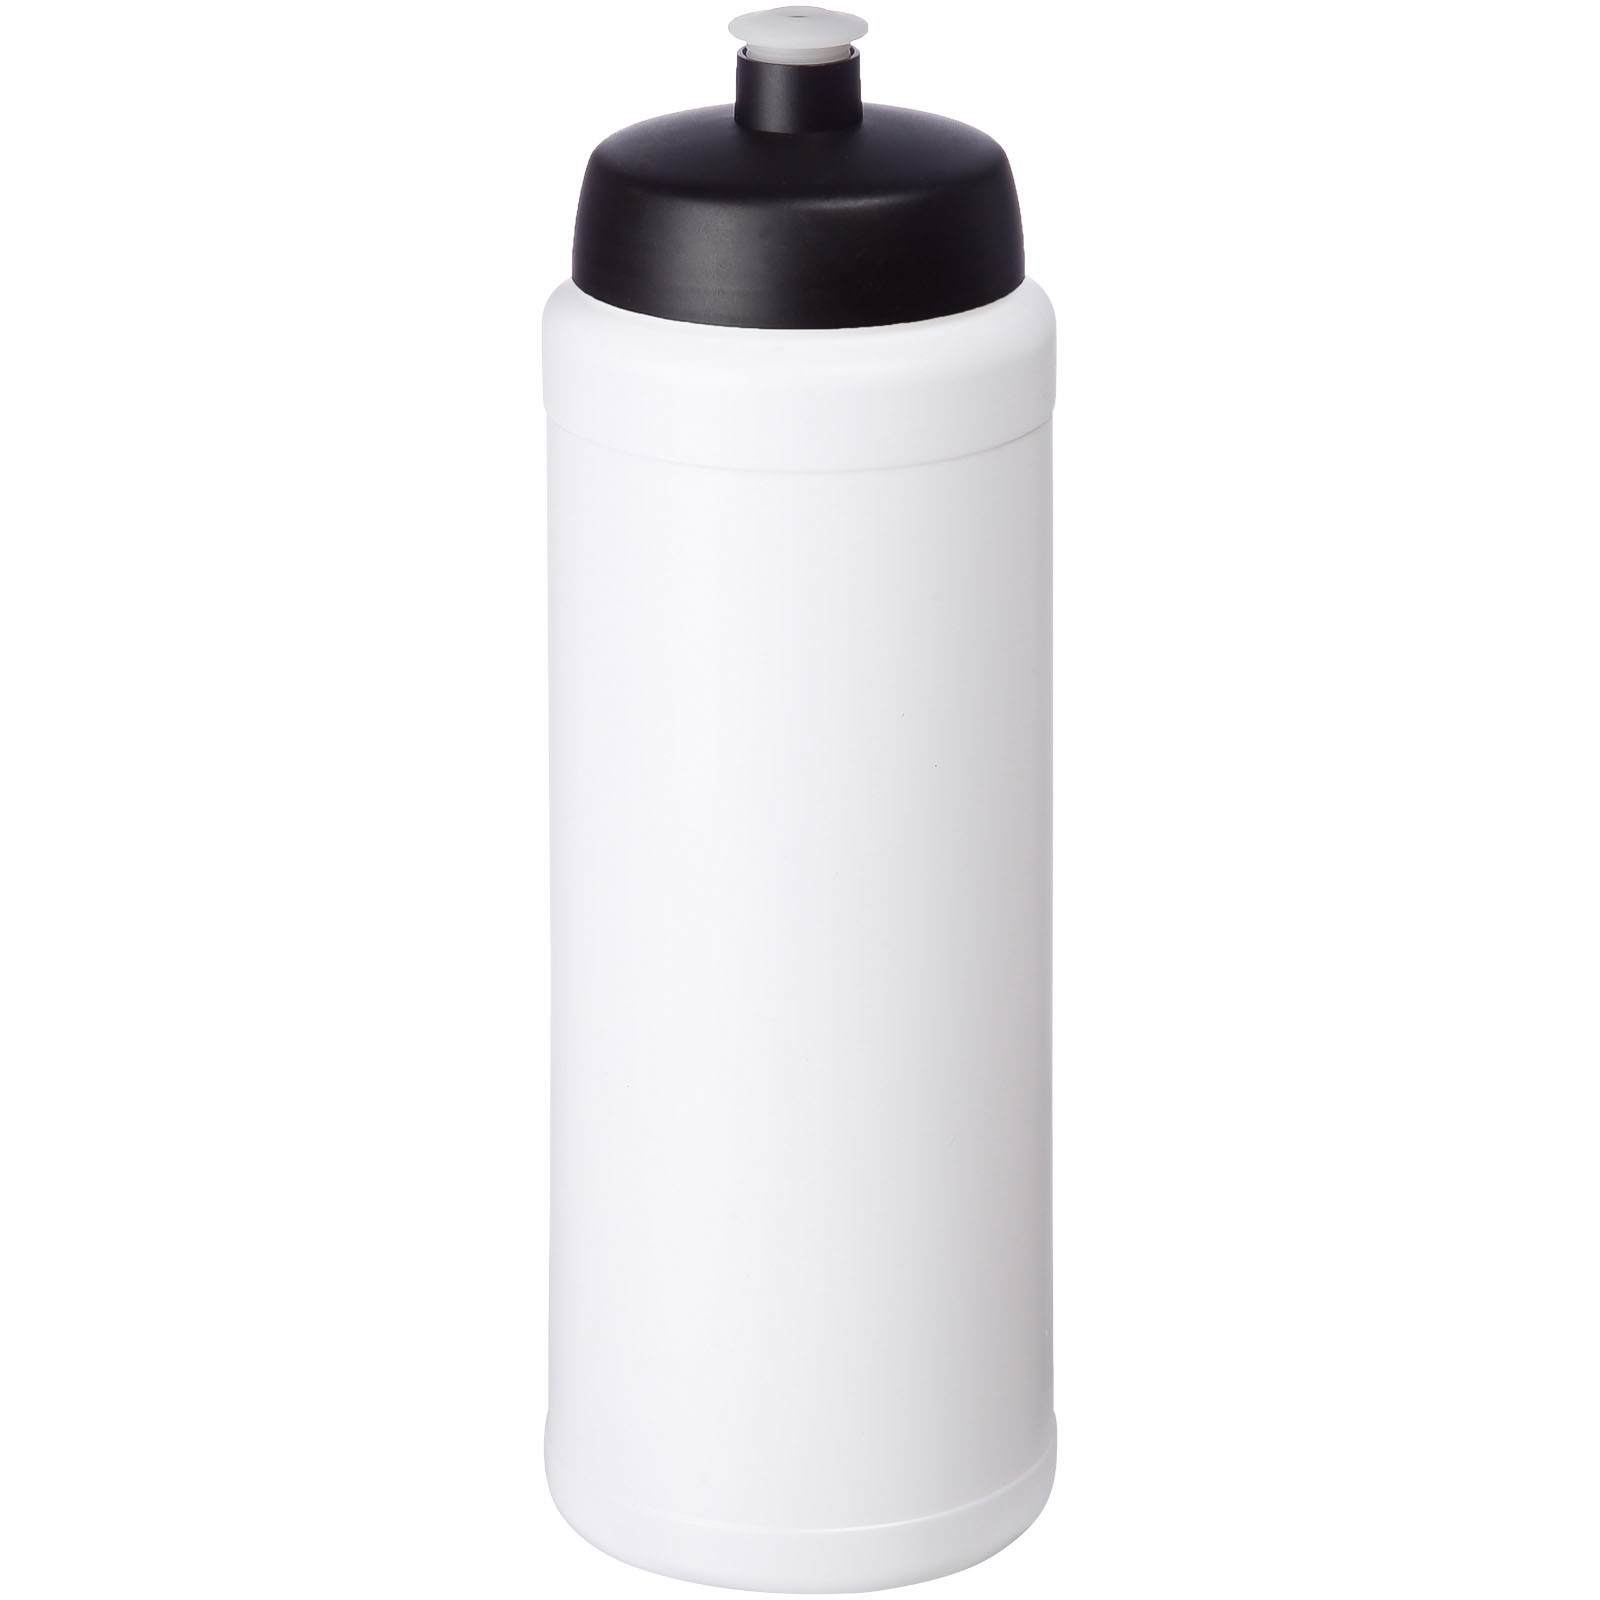 Baseline® Plus grip 750 ml sports lid sport bottle - White / Solid black